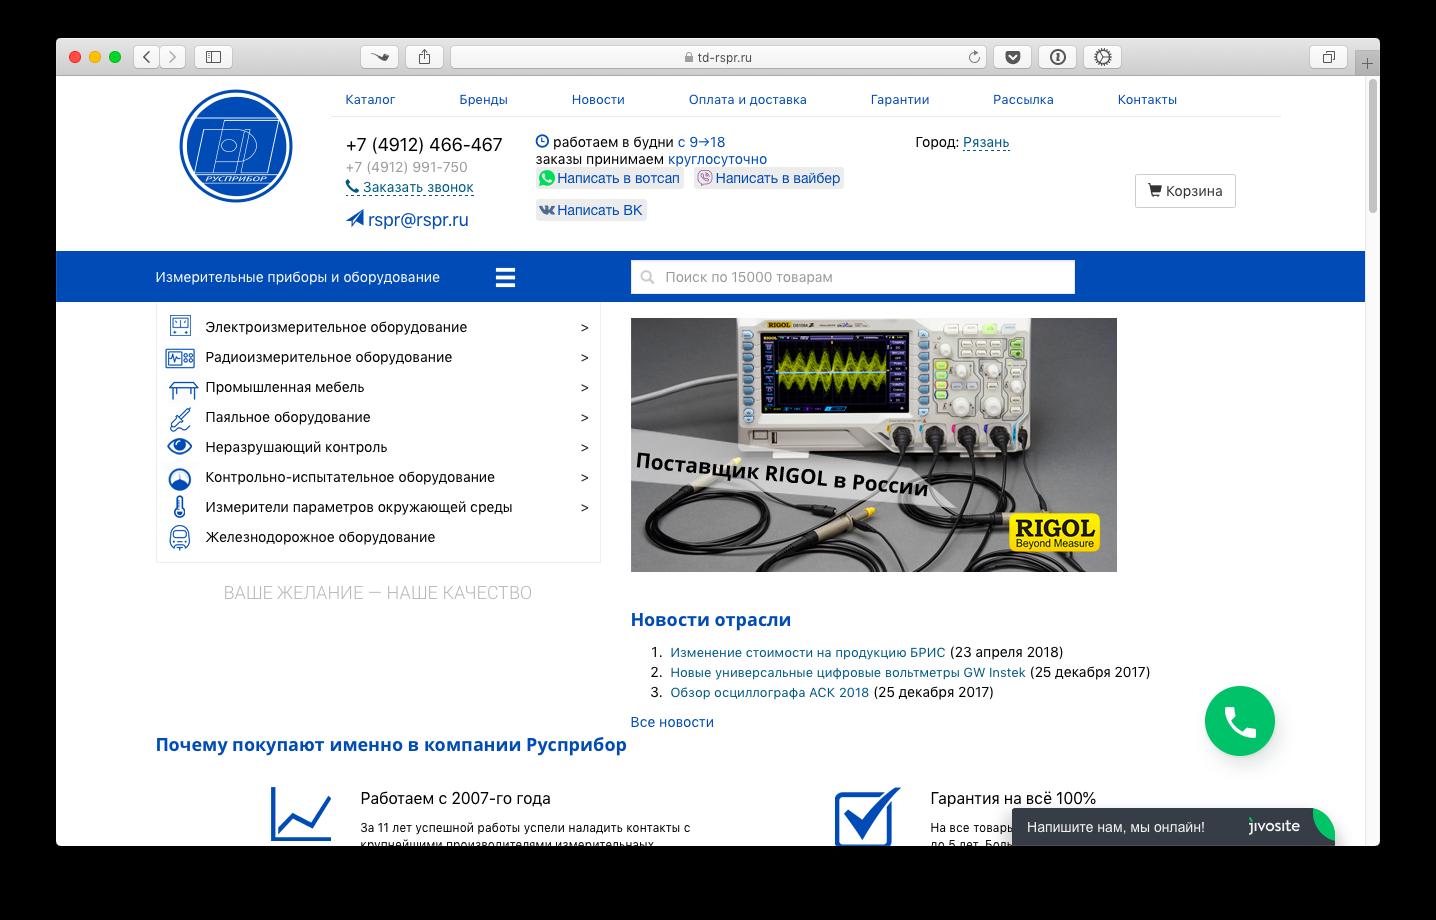 Интернет-магазин Русприбор